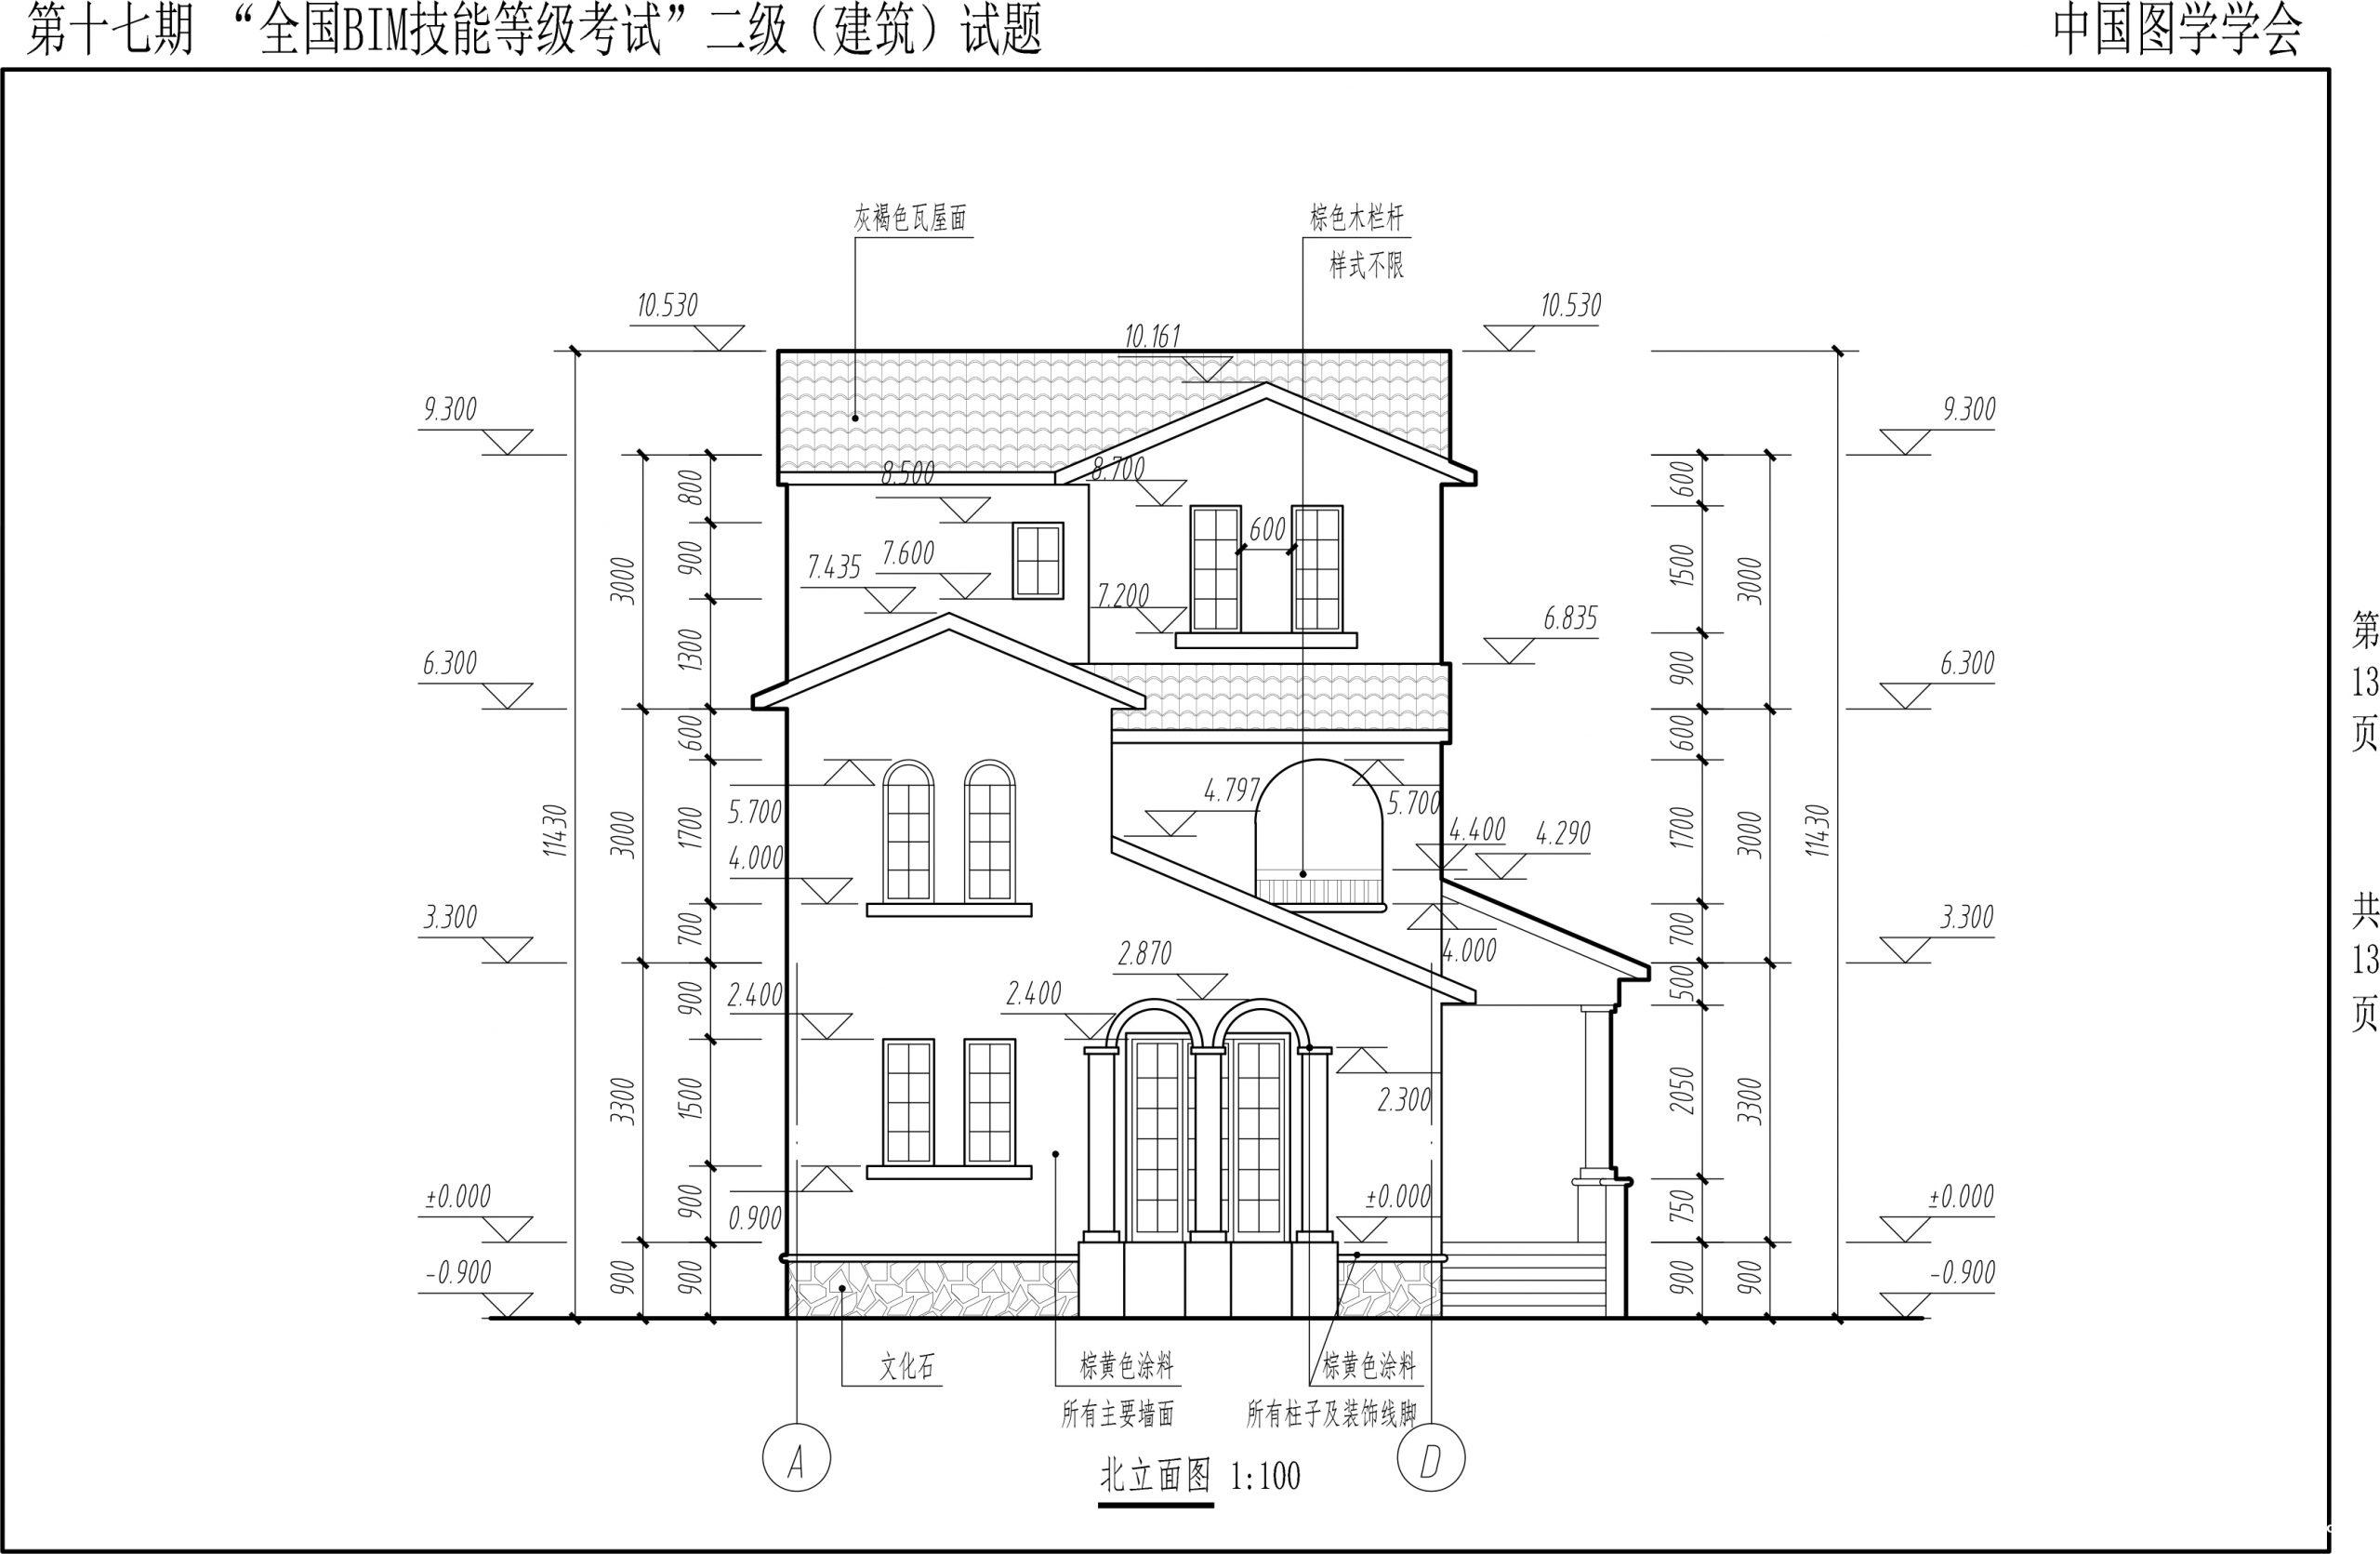 2021年第十七期图学会BIM等级考试二级真题—建筑专业免费下载